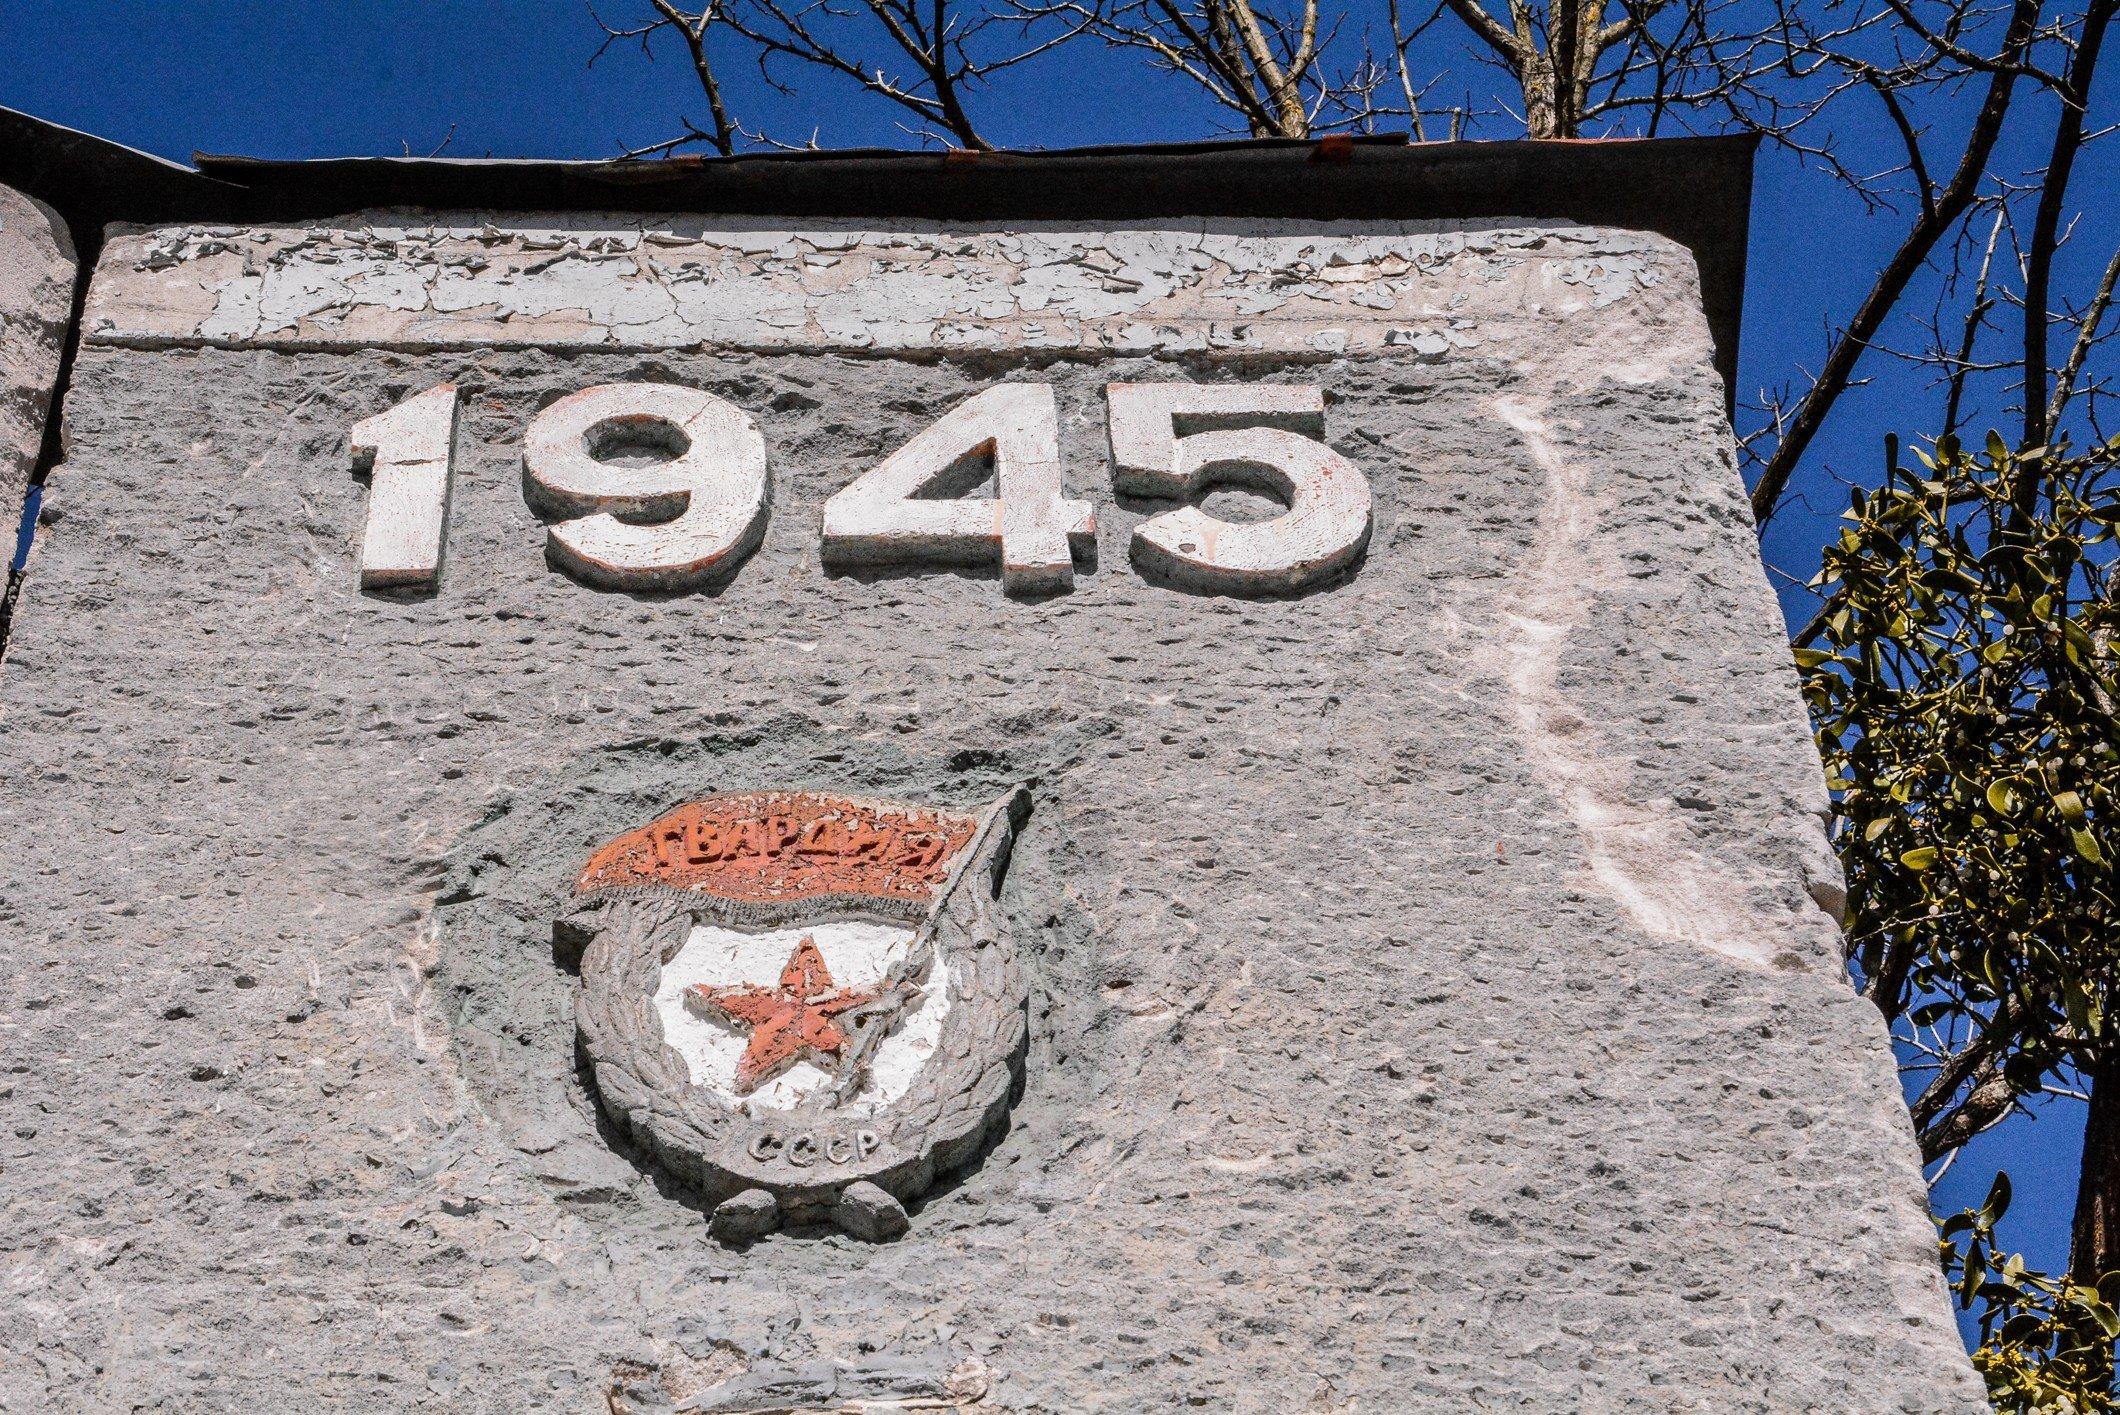 Badge of the Soviet Guards Sowjetische Garde abzeichen soviet war memorial sowjetisches ehrenmal fürstenberg drögen brandenburg deutschland lost places urbex abandoned